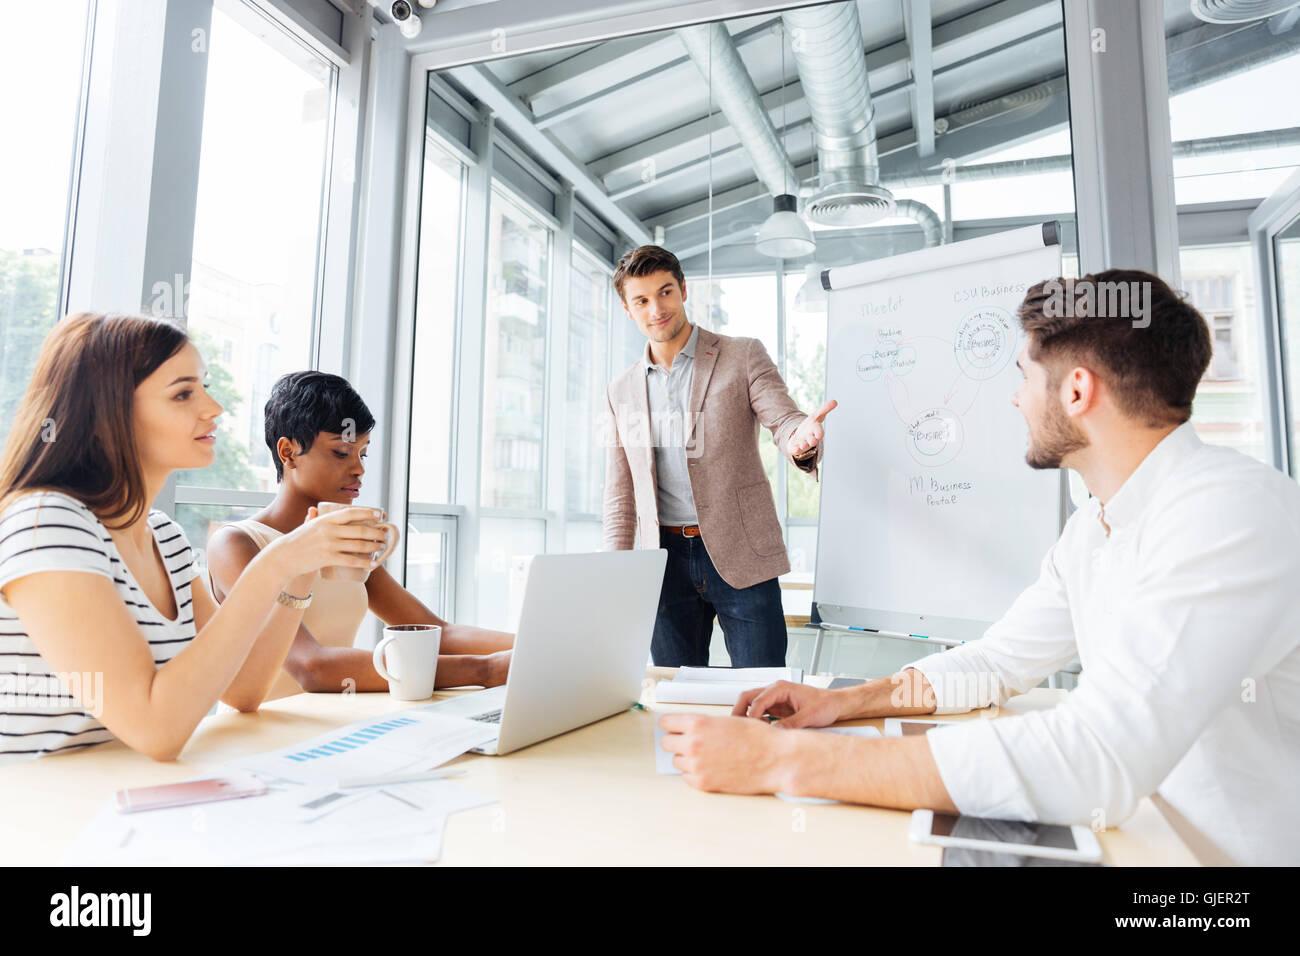 Joven Empresario de éxito haciendo la presentación del plan de negocios utilizando el rotafolios en Office Imagen De Stock